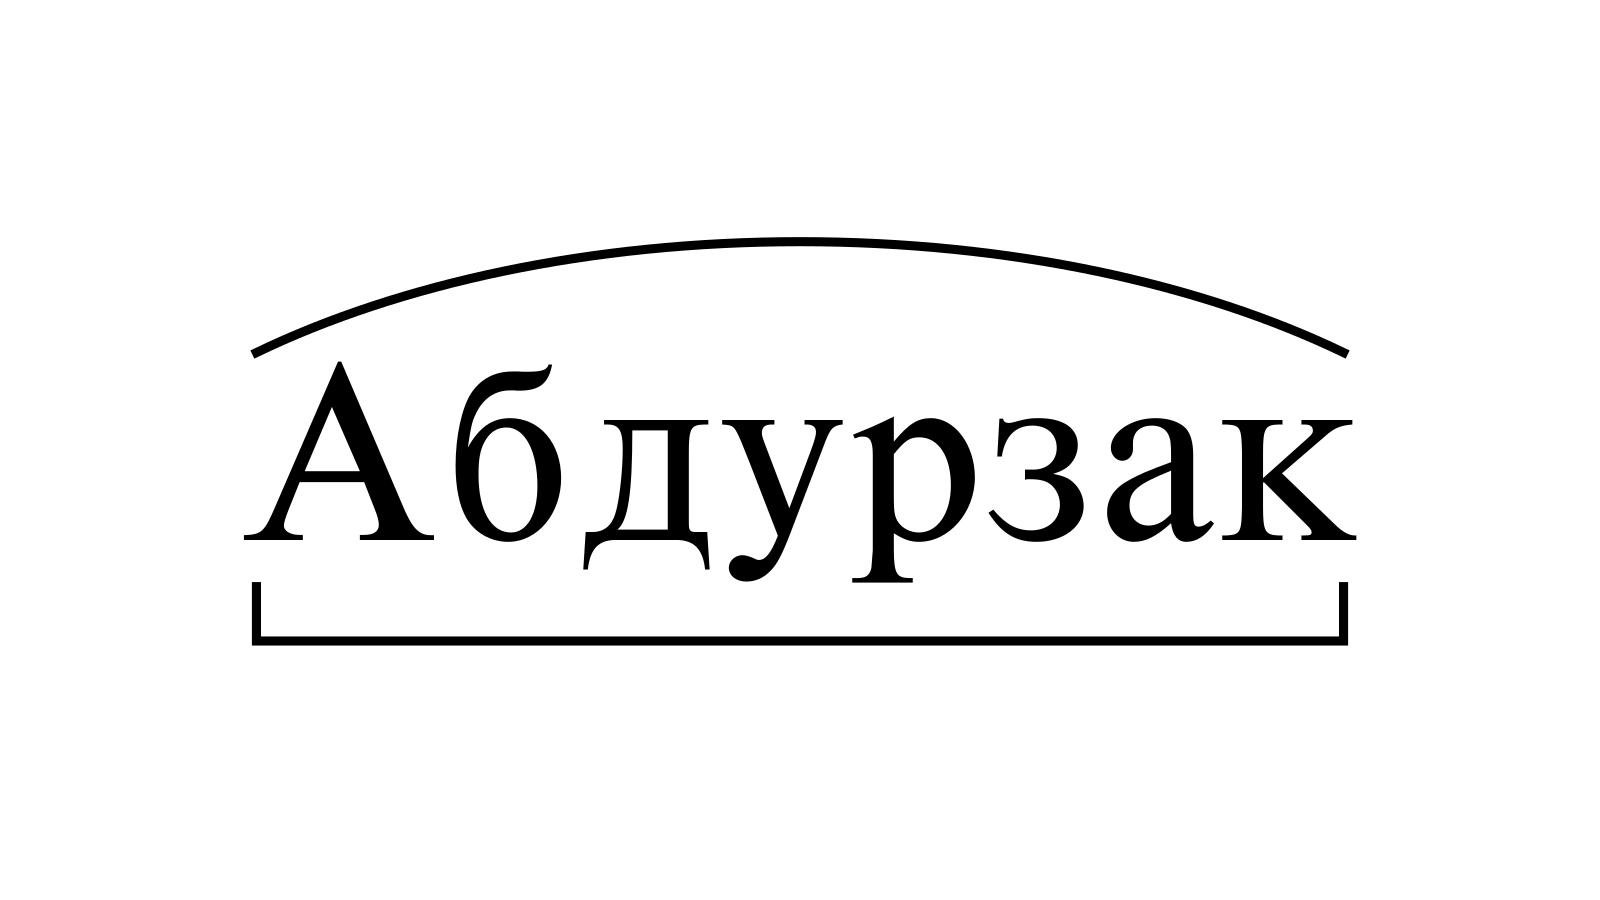 Разбор слова «Абдурзак» по составу